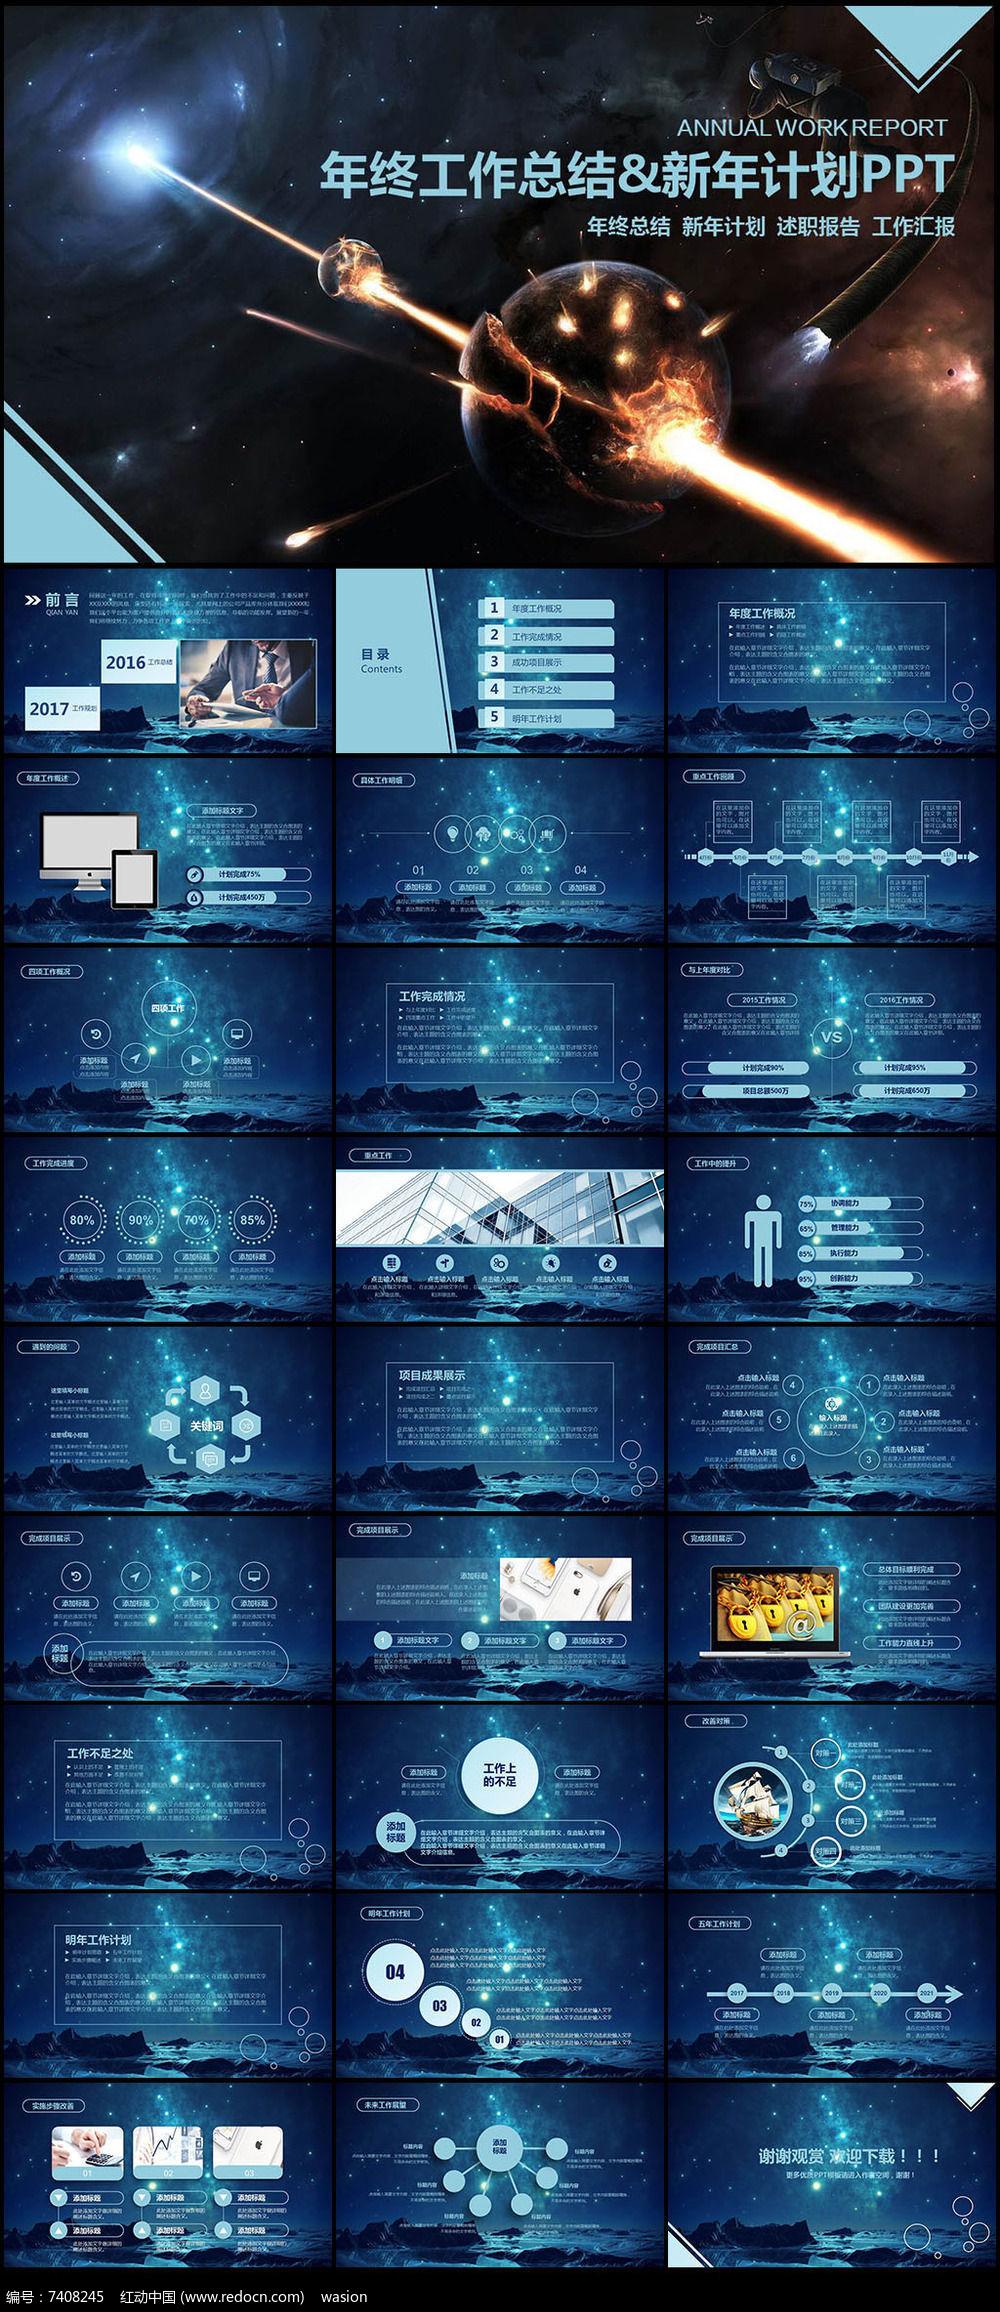 酷炫科技感年终工作总结ppt模板